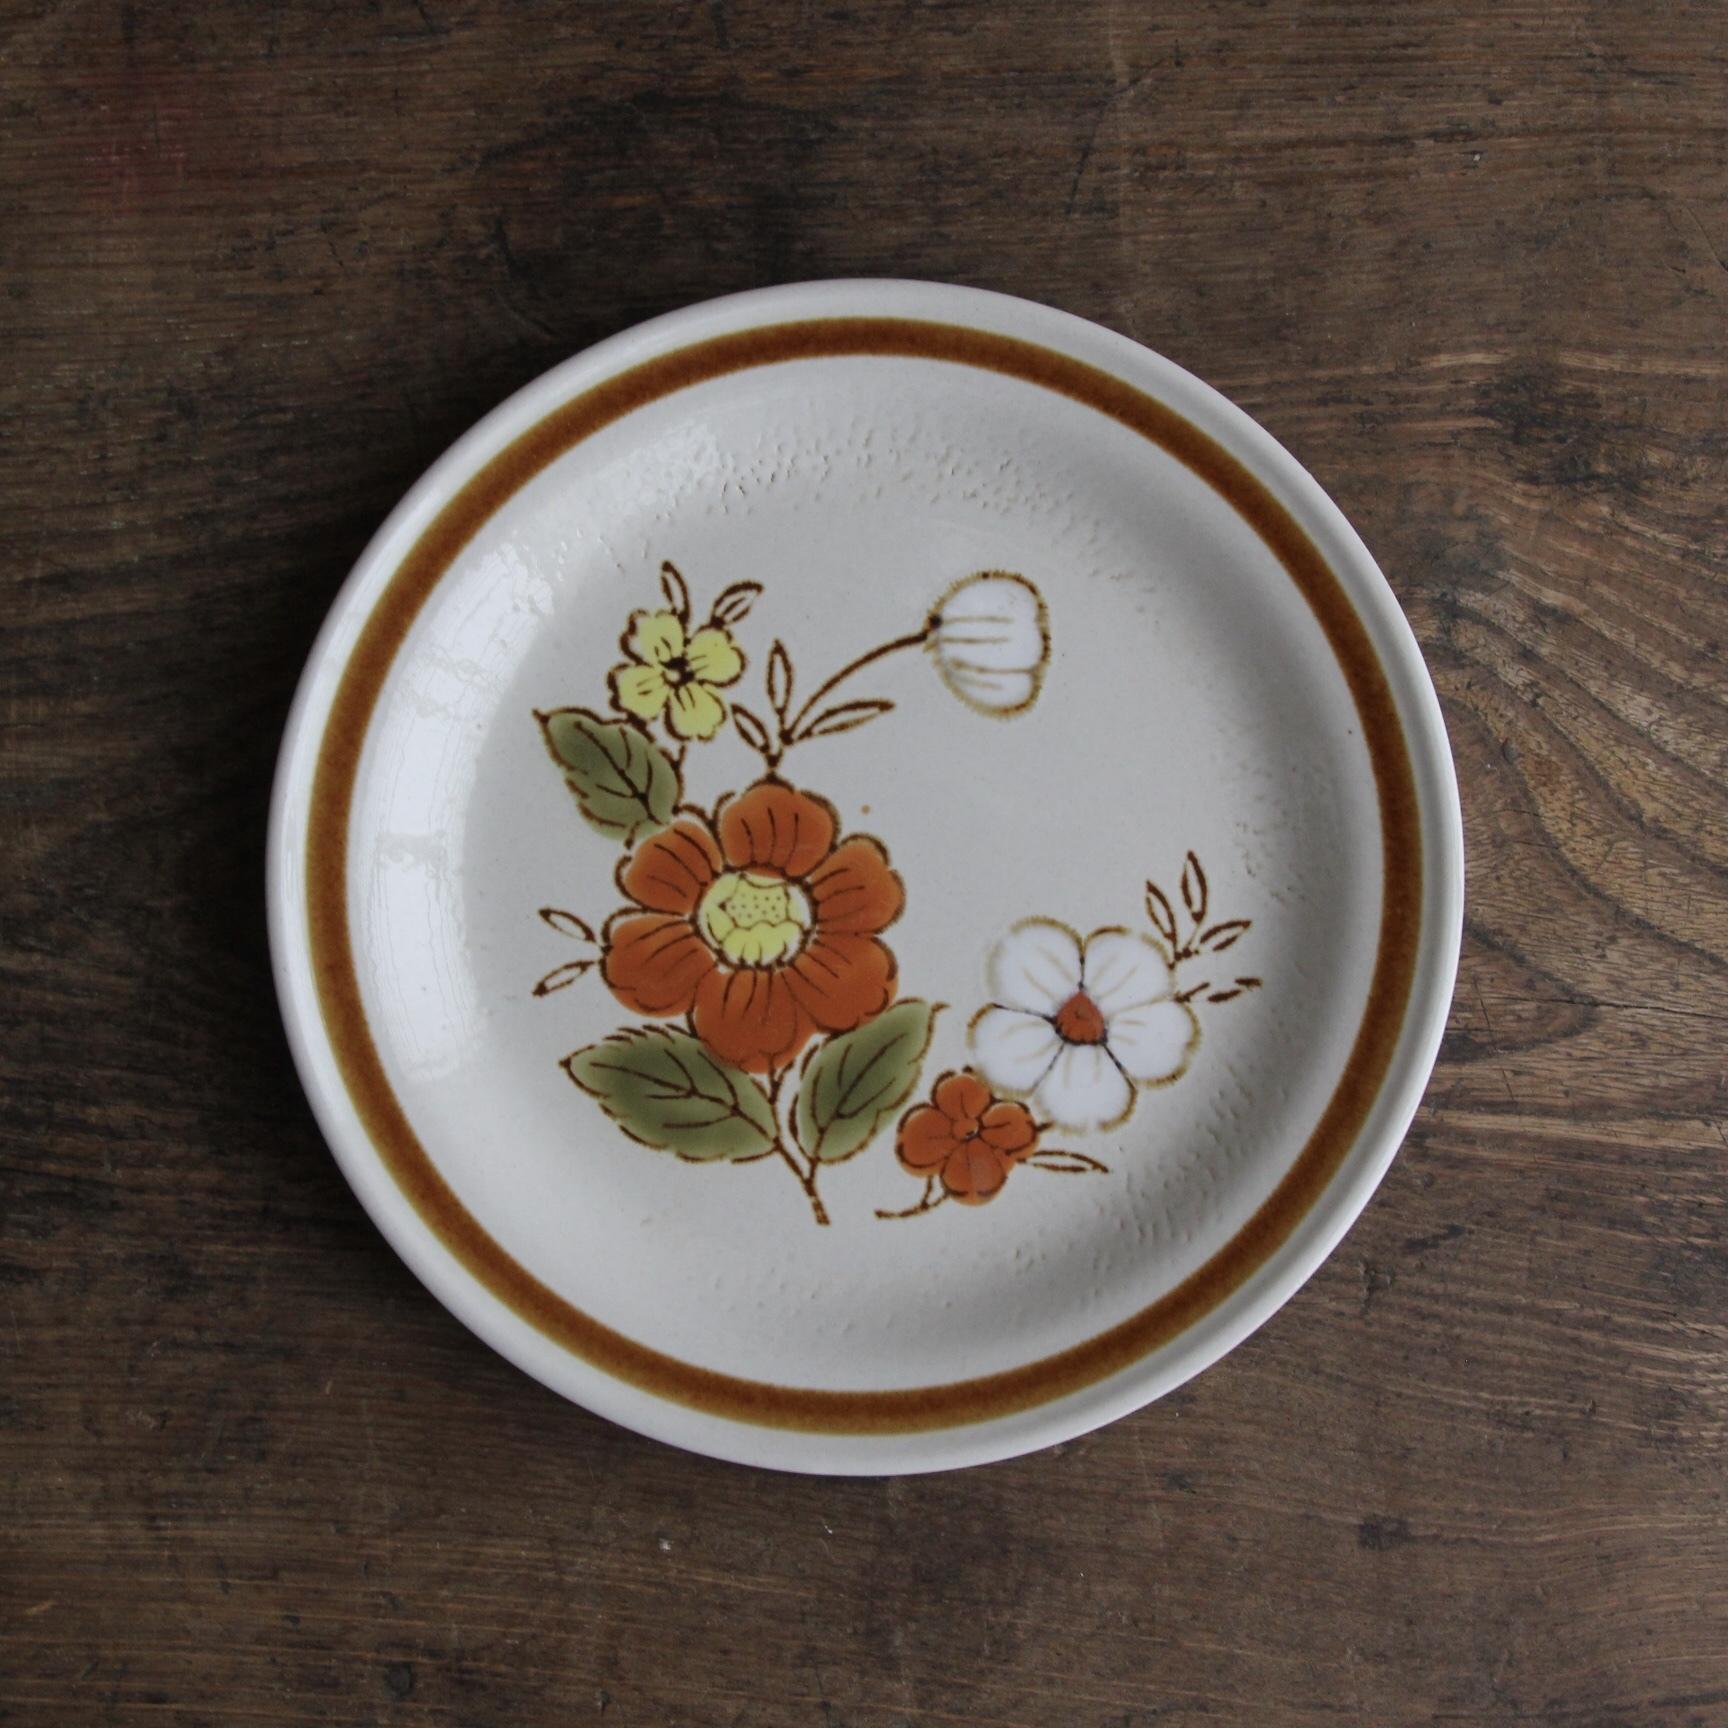 花柄ストーンウェアの小皿